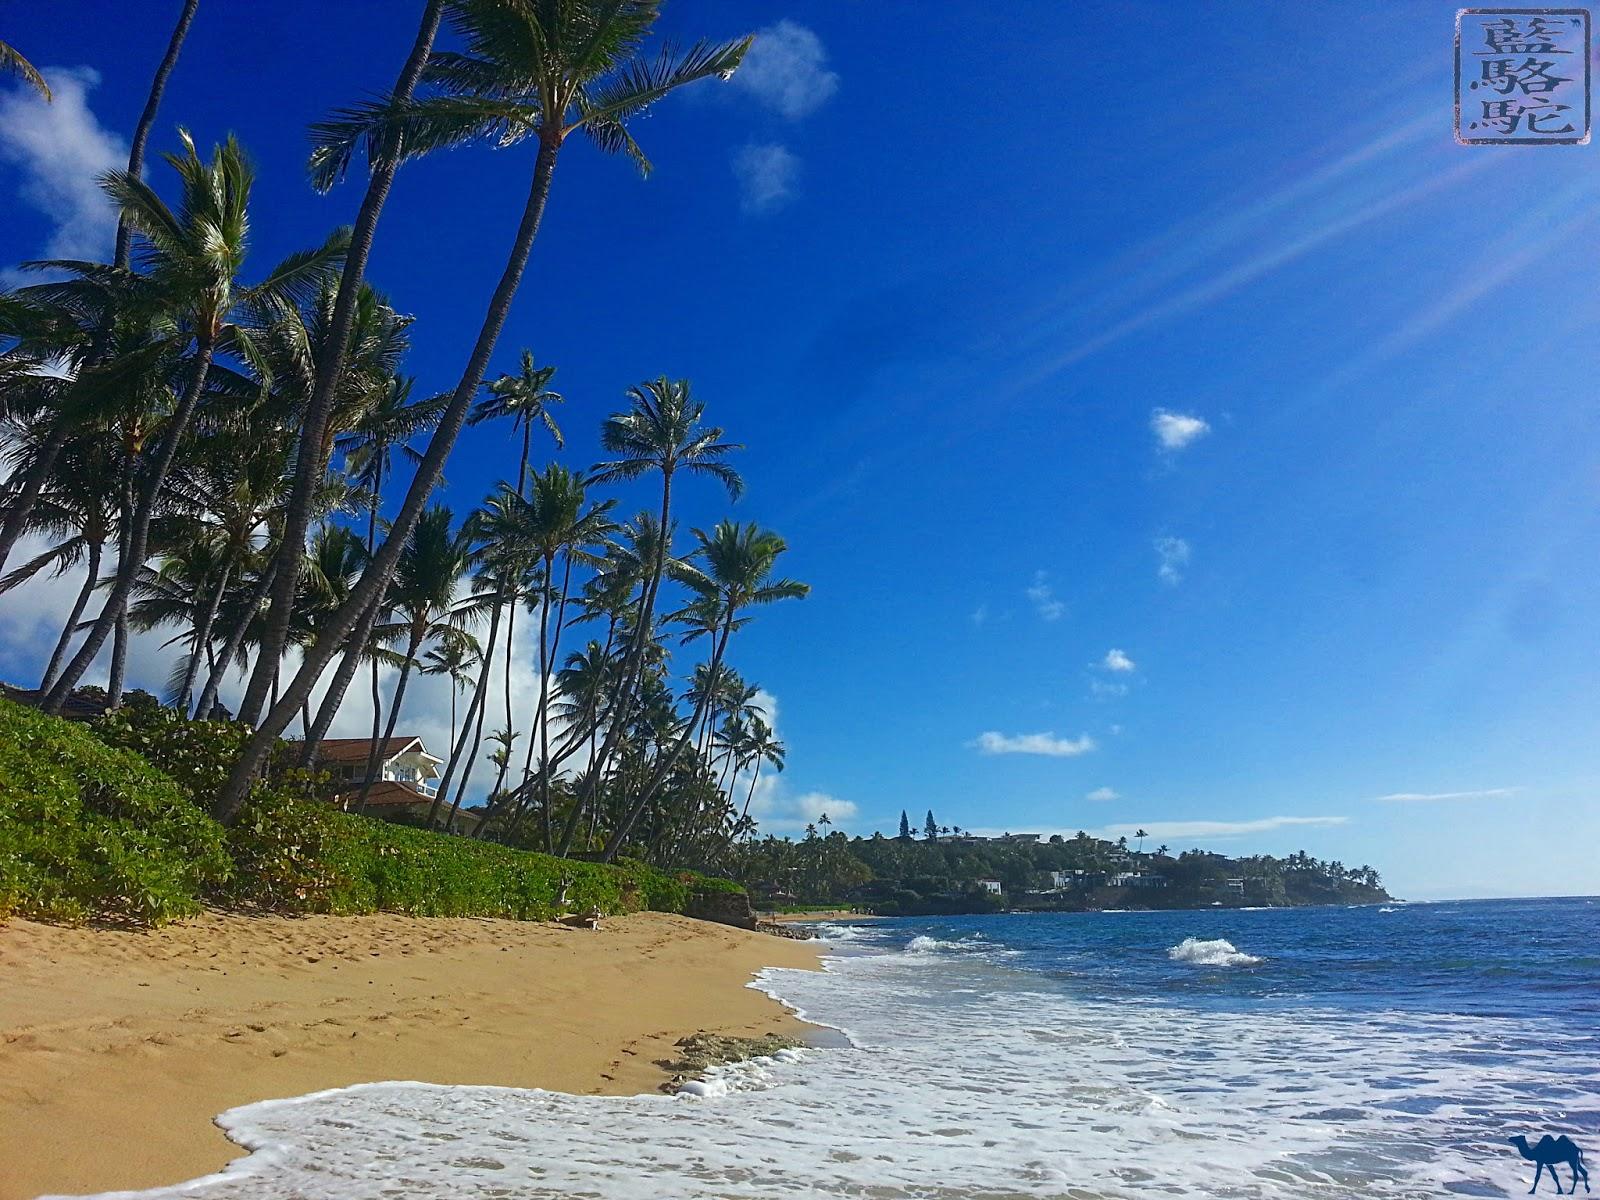 Le Chameau Bleu - Blog Voyage et Gastronomie - Cote d'Hawaii - Voyage aux USA